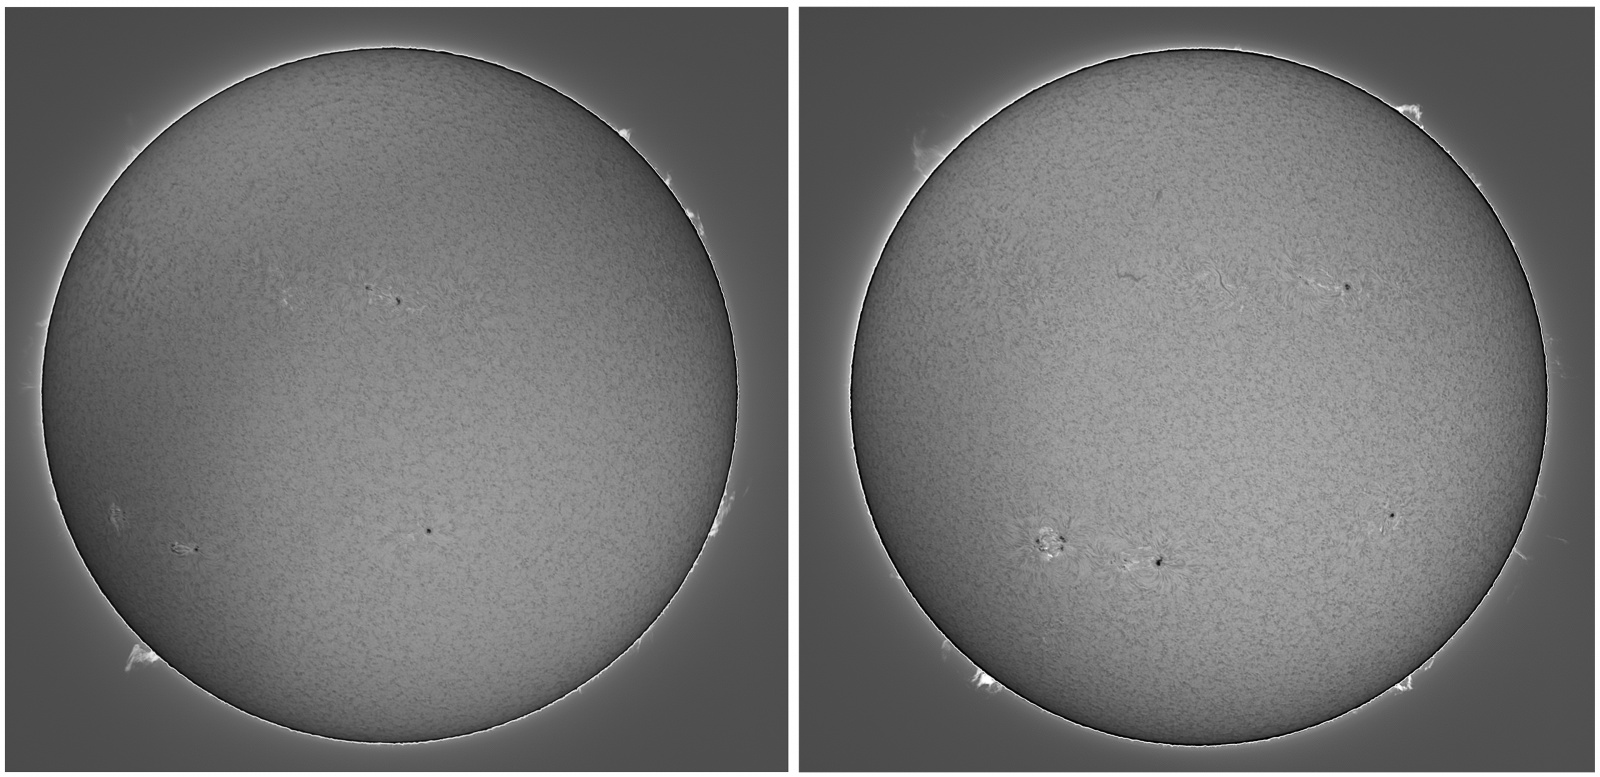 2021-09-05-07-L-Sun_Halpha_ZWO-ASI183MM-Pro.thumb.jpg.2921347c6293fb88756e85a102b9b4d6.jpg